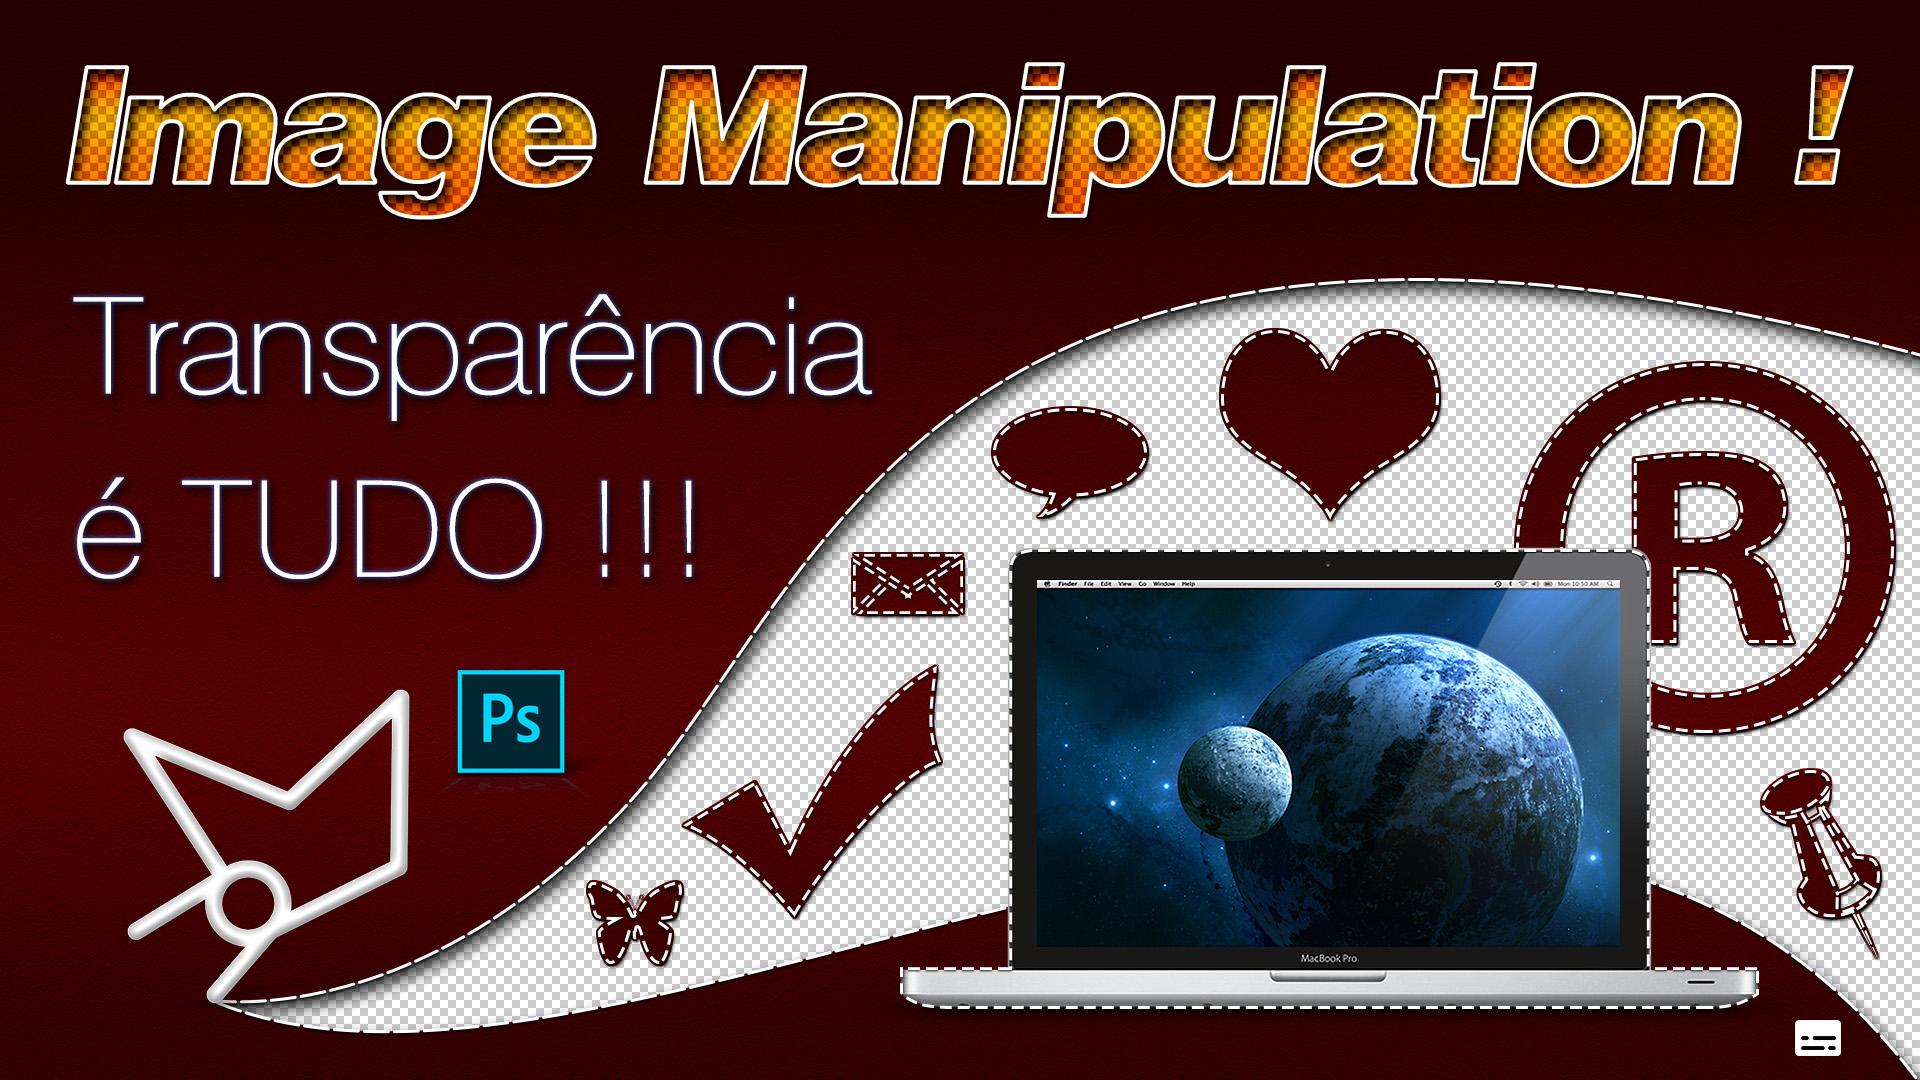 Image Manipulation | Photoshop